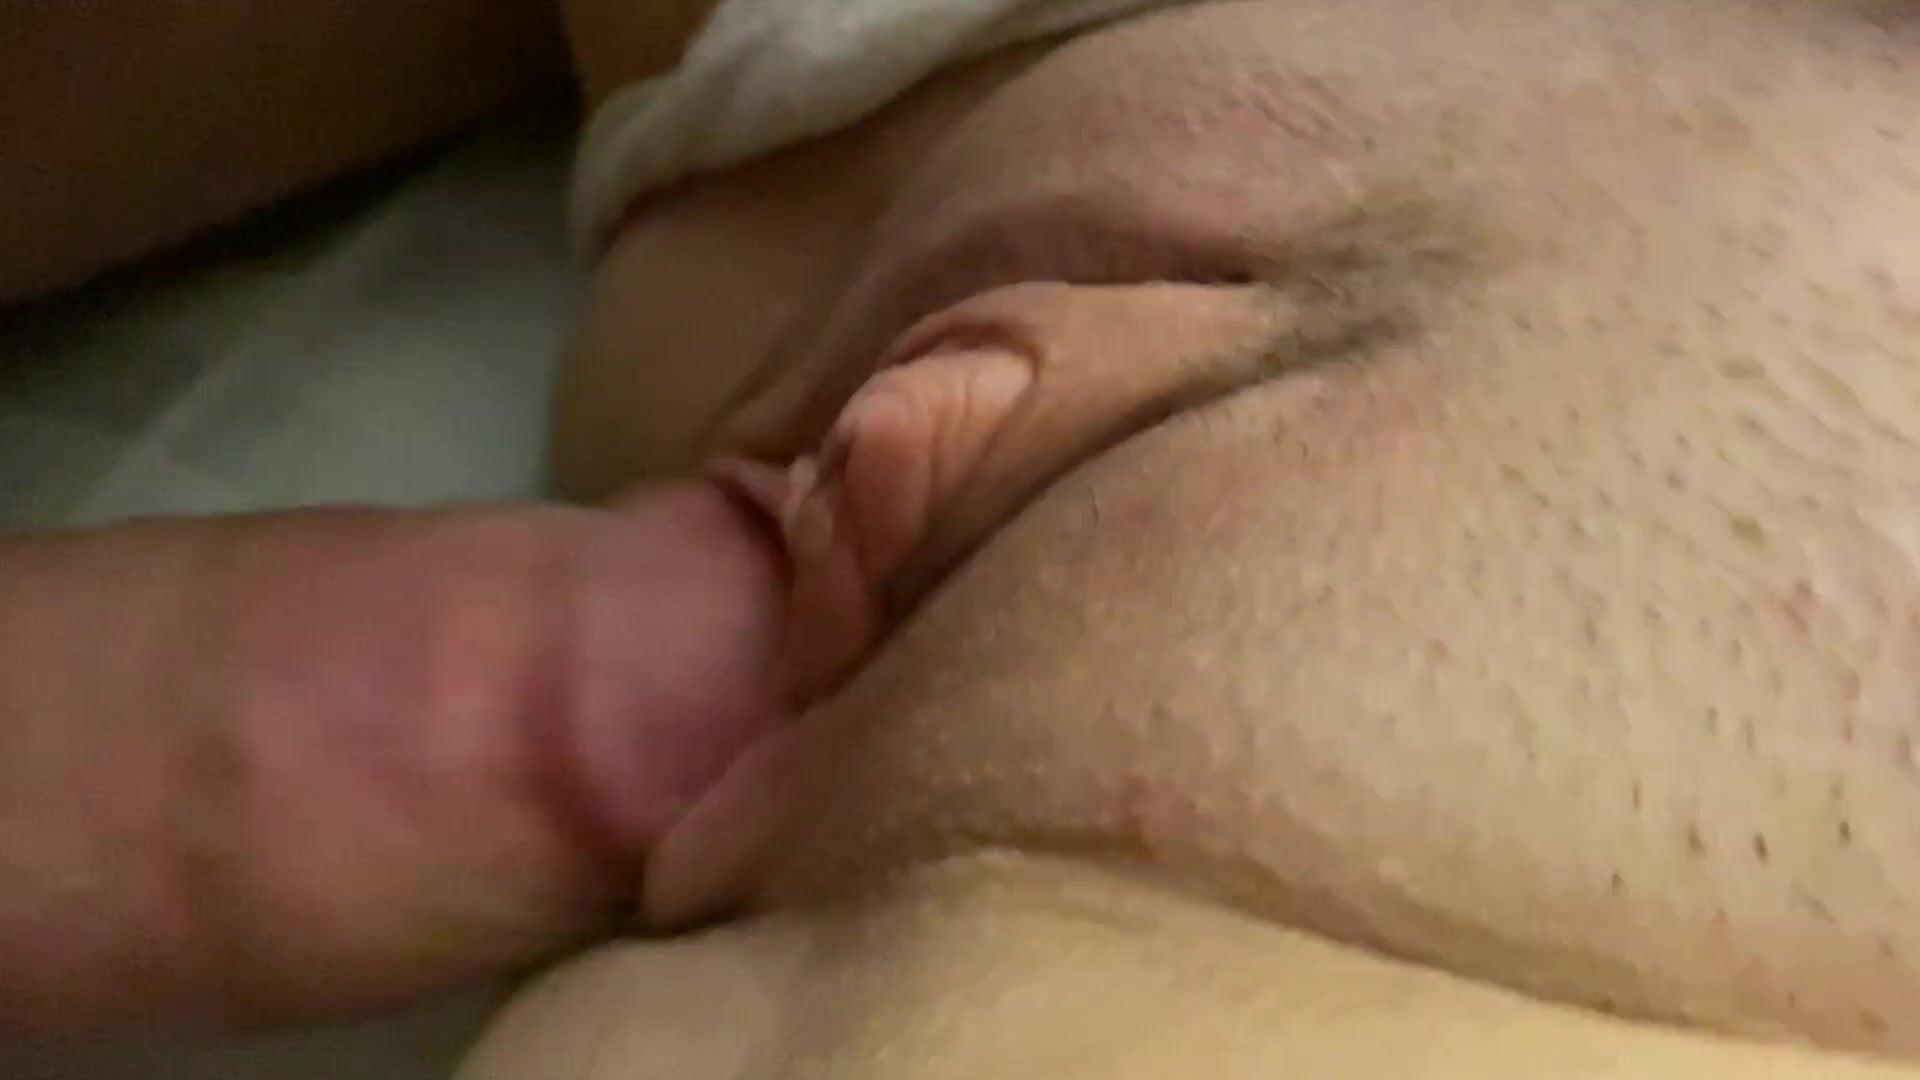 Schneller Orgasmus Frau